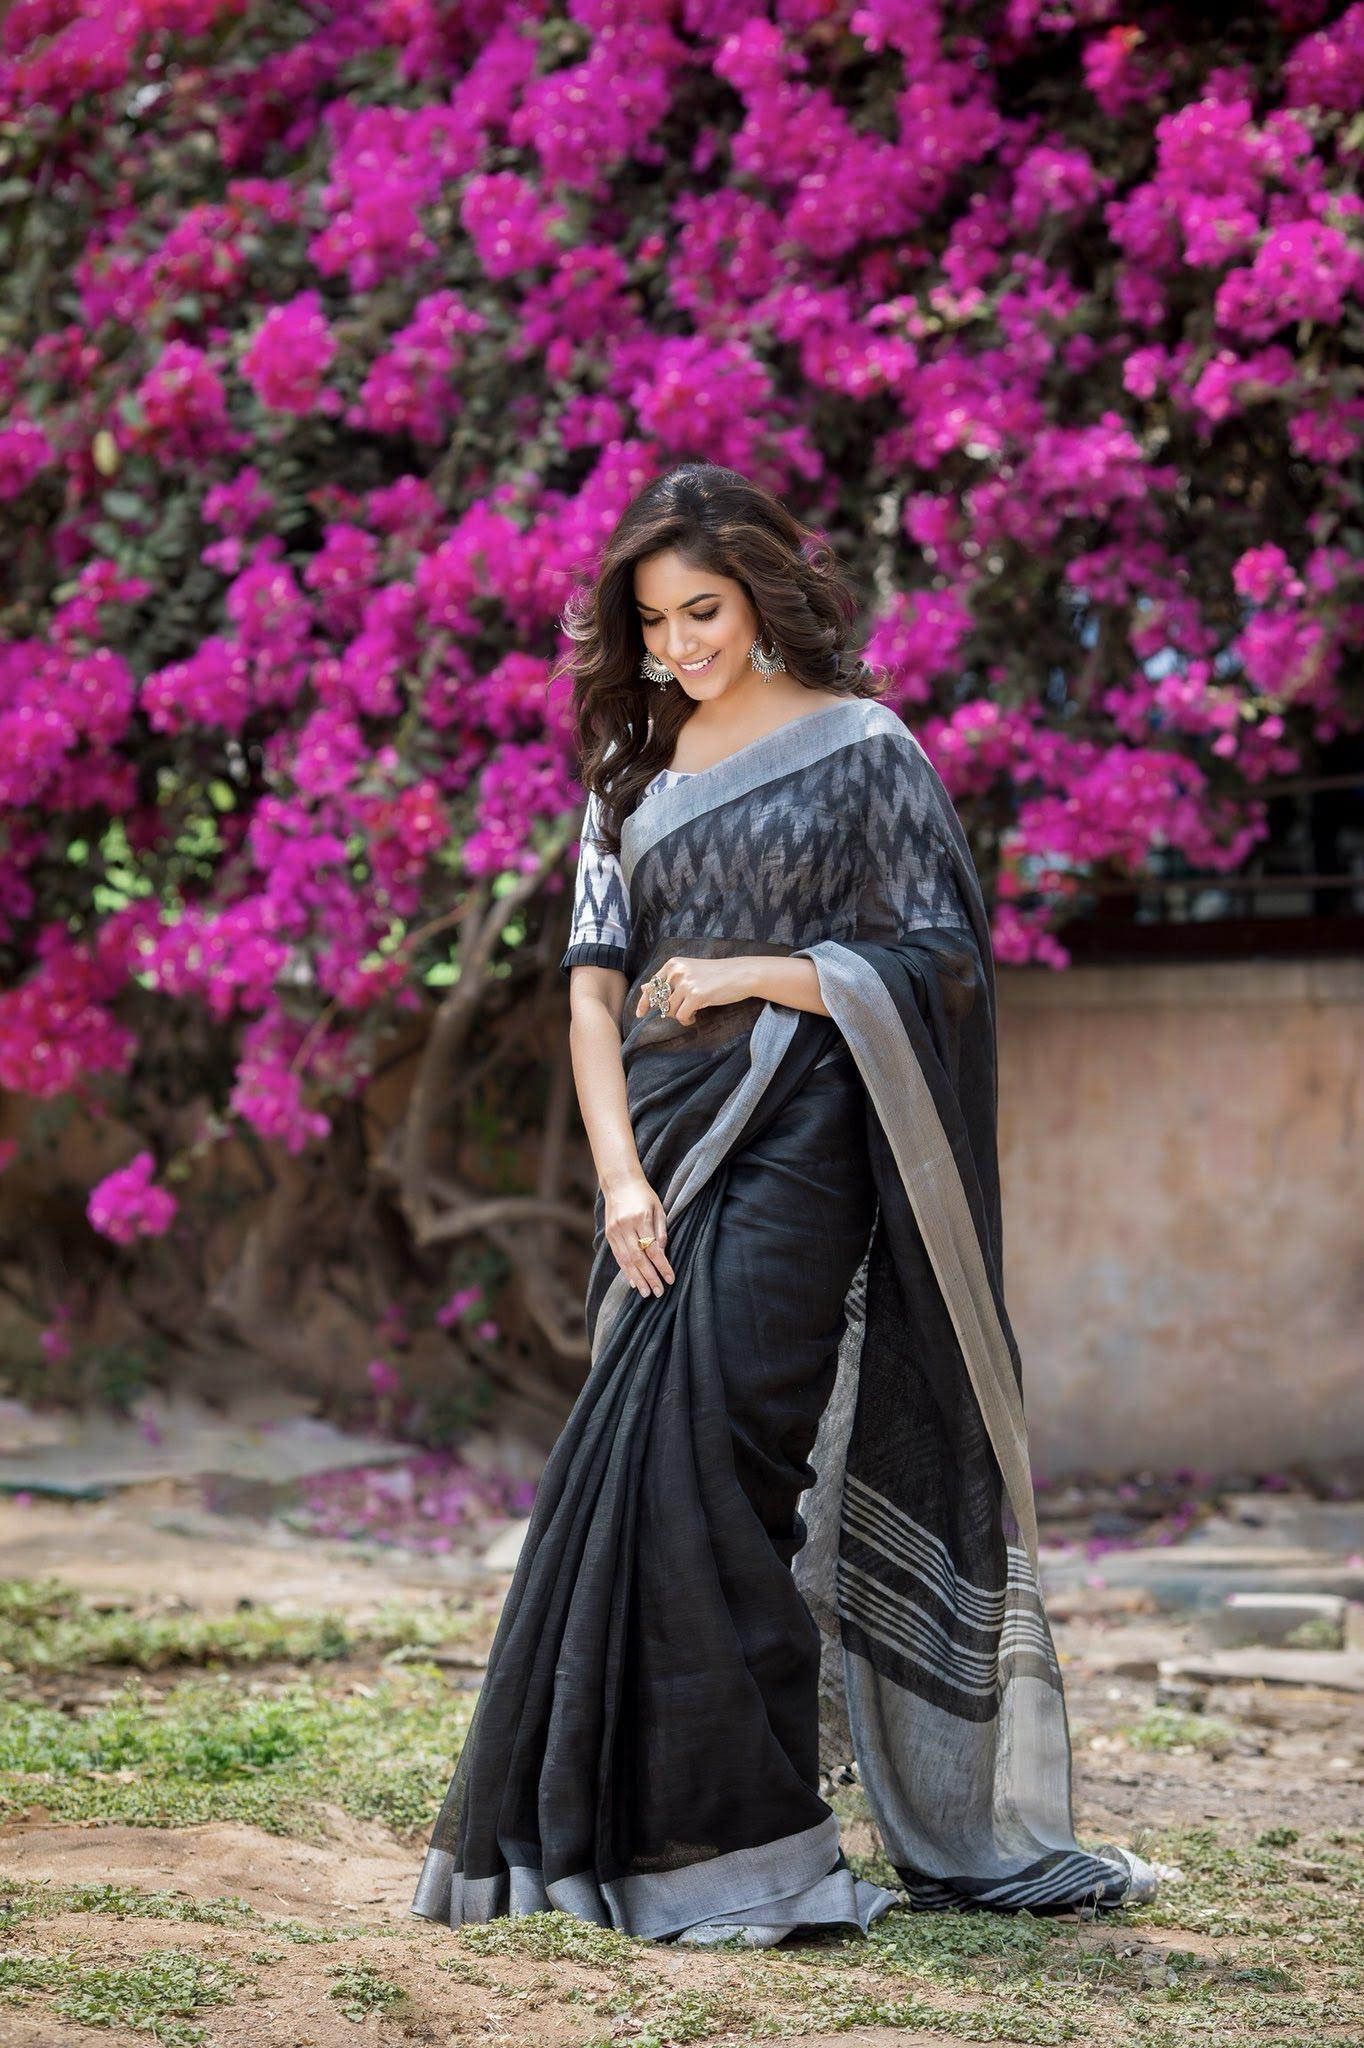 Ritu-Varma-images-513104